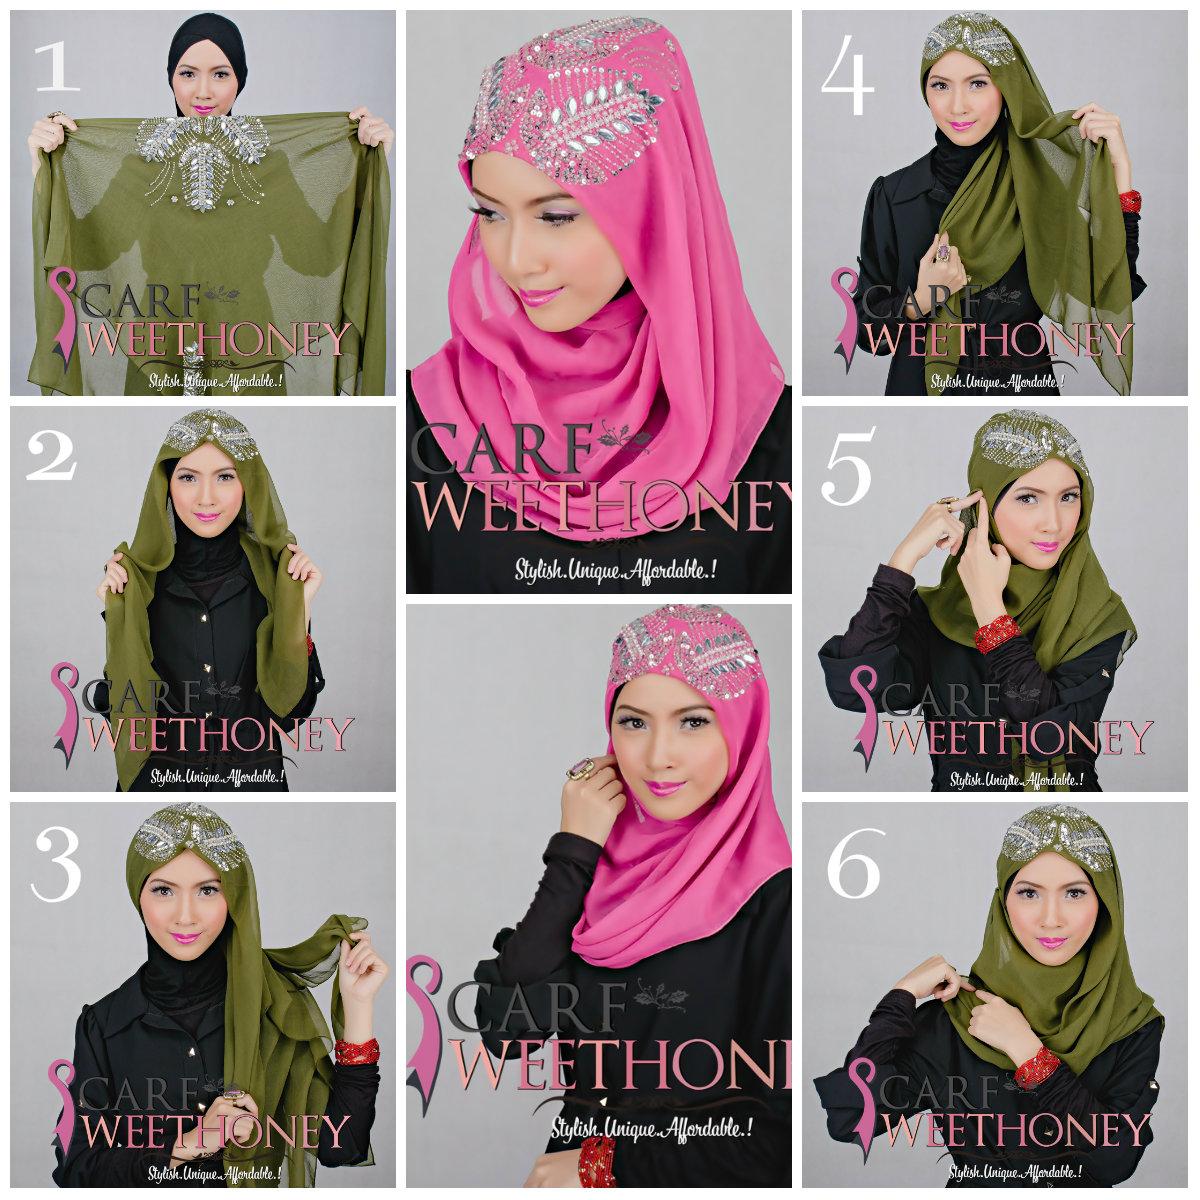 Tutorial Cara Memakai Jilbab Mudah Cantik Dan Modern Lengkap 90